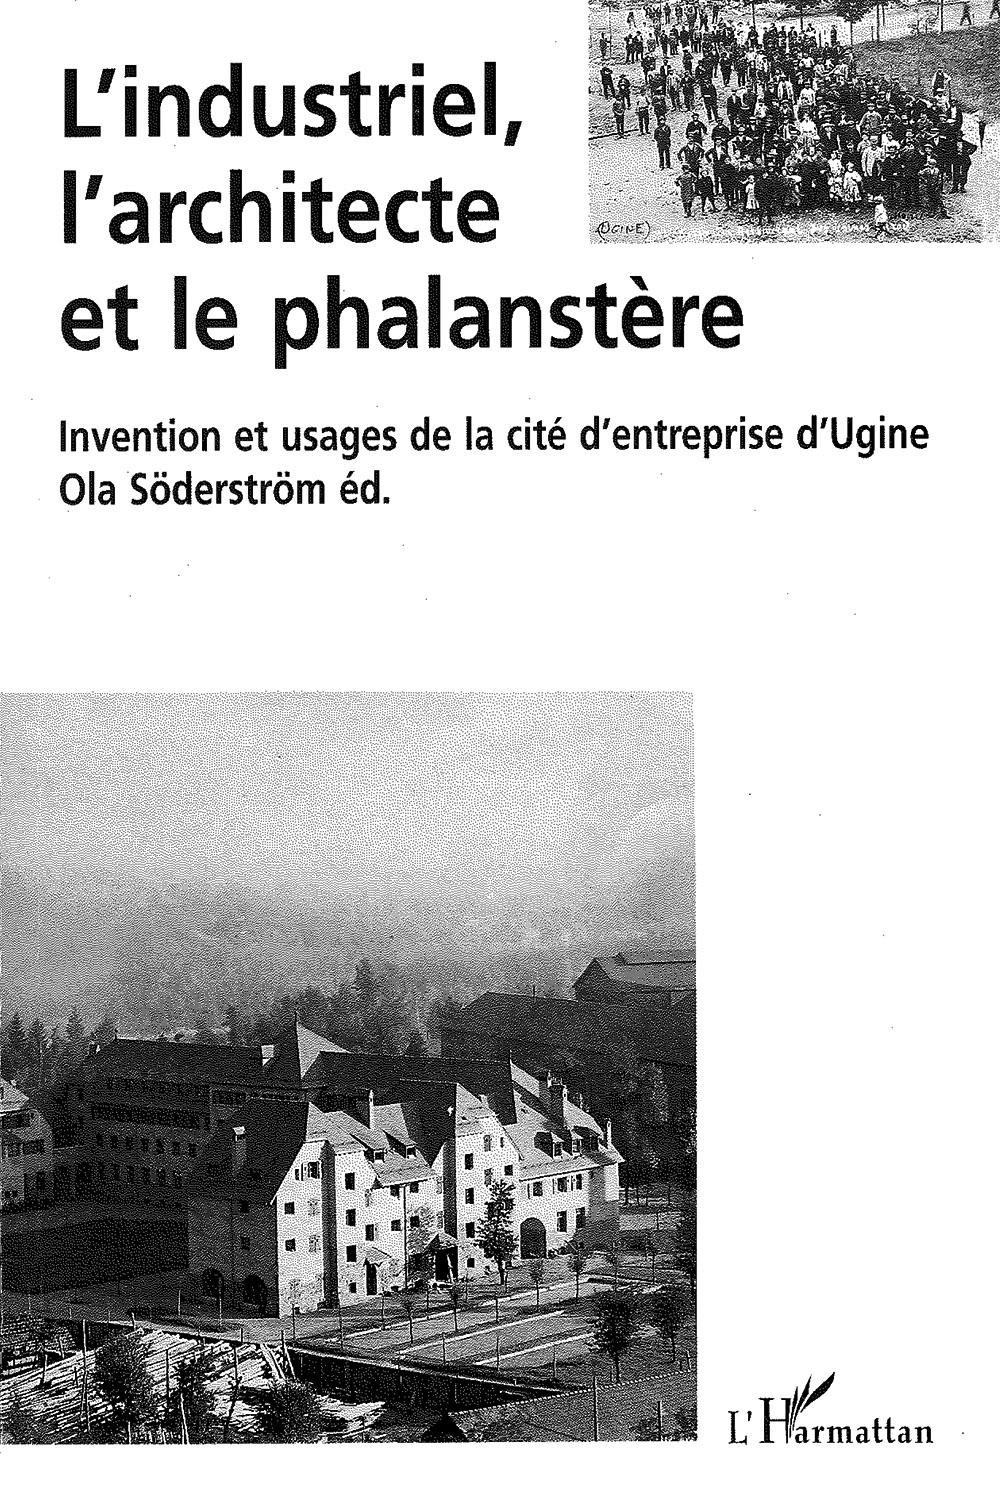 L'industriel, l'architecte et le phalanstère